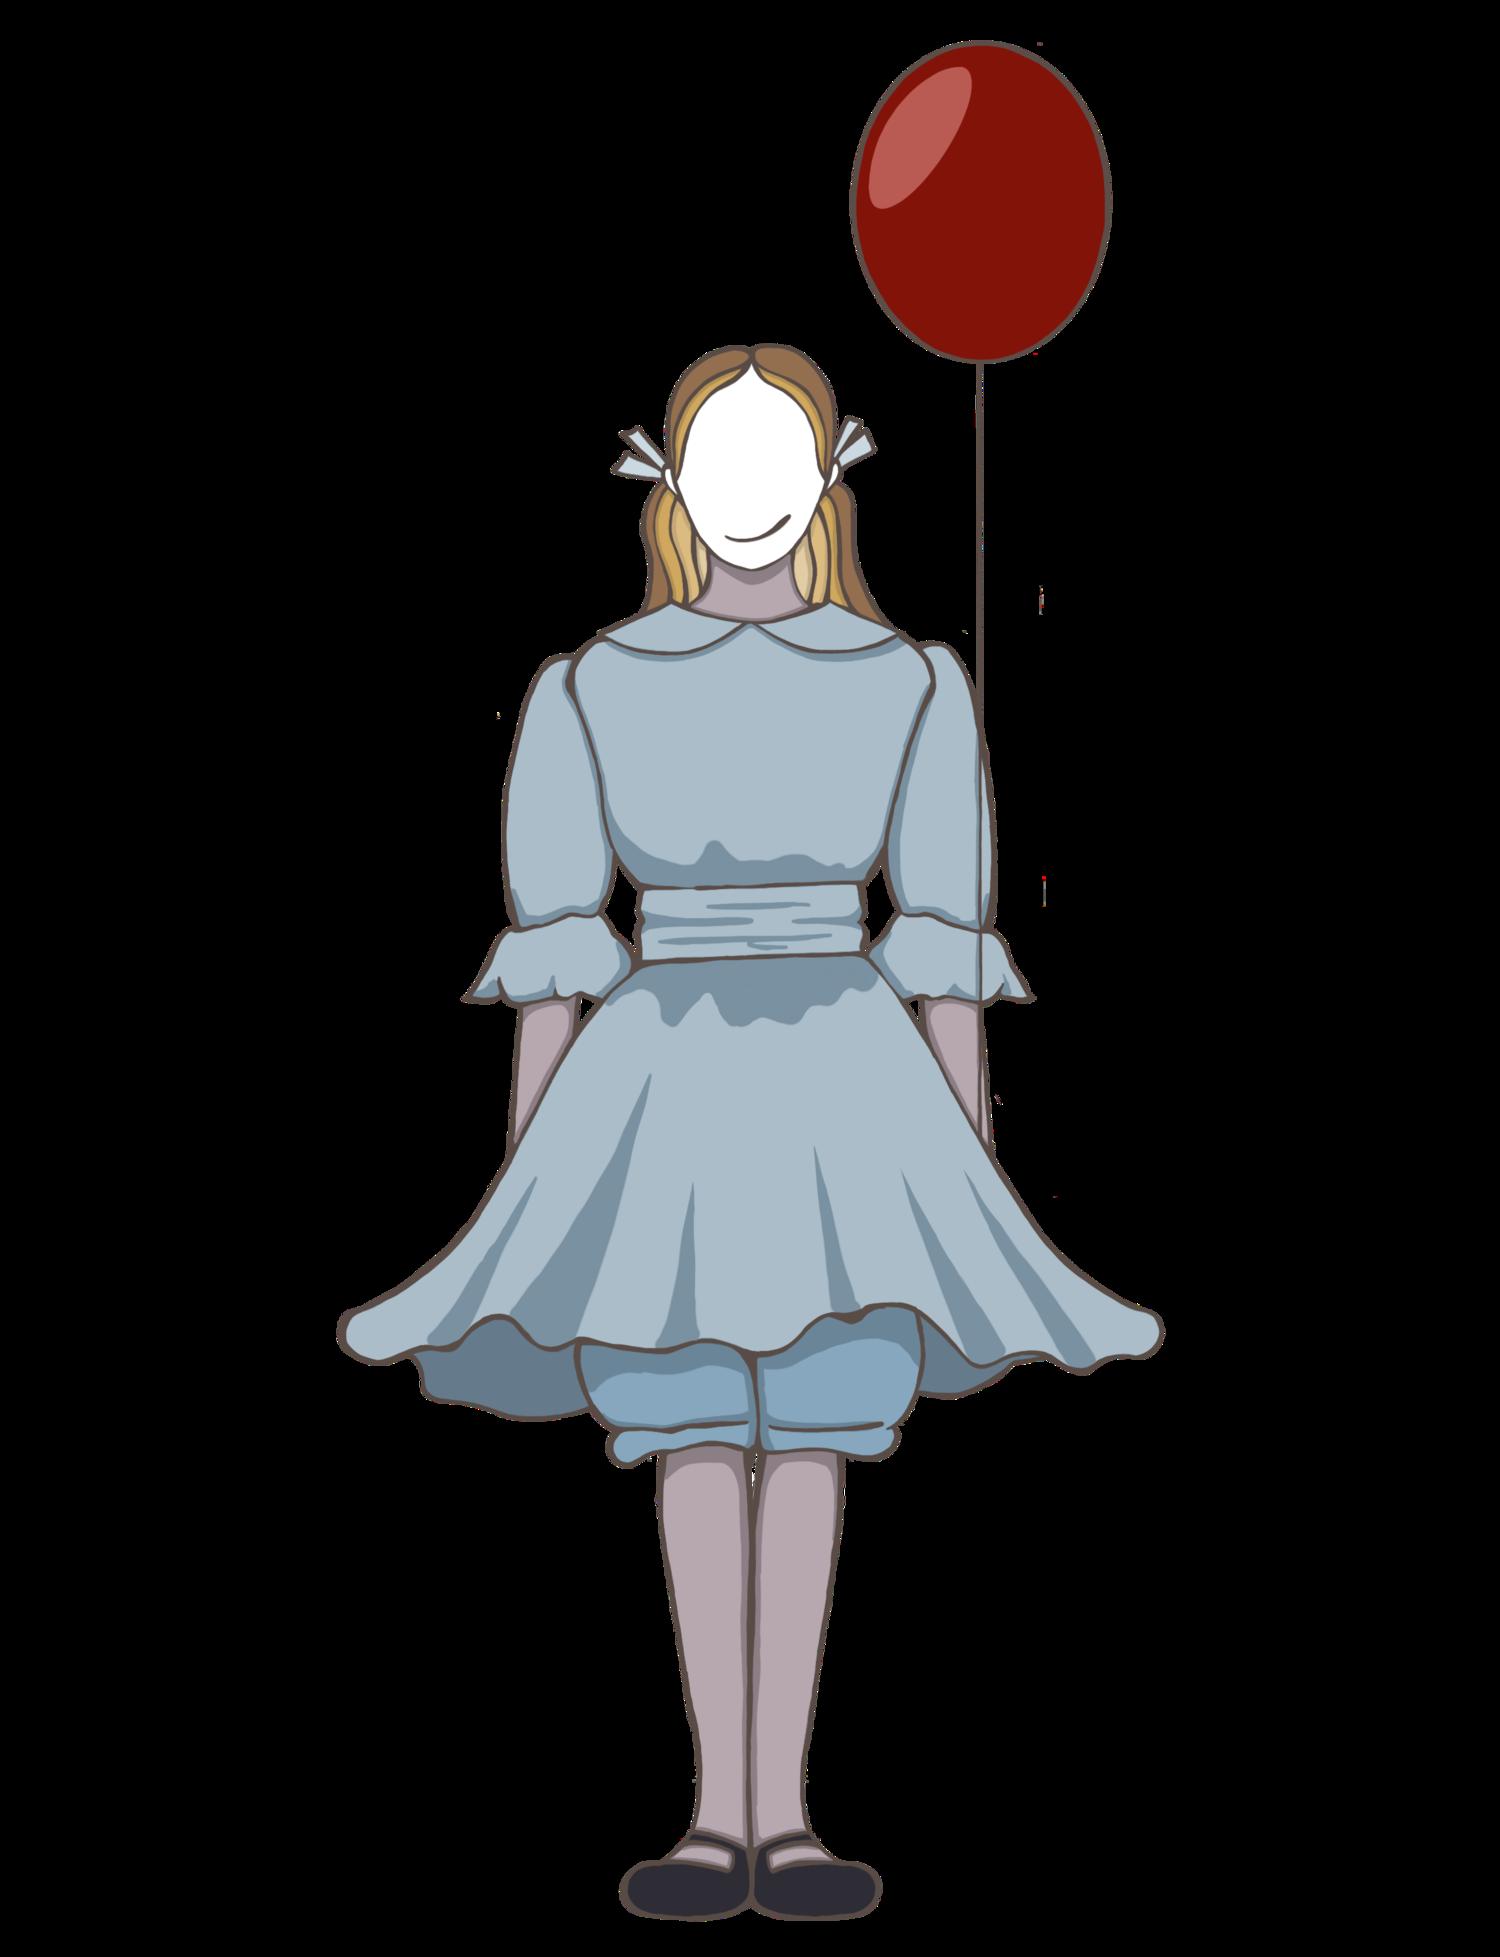 風船と女の子